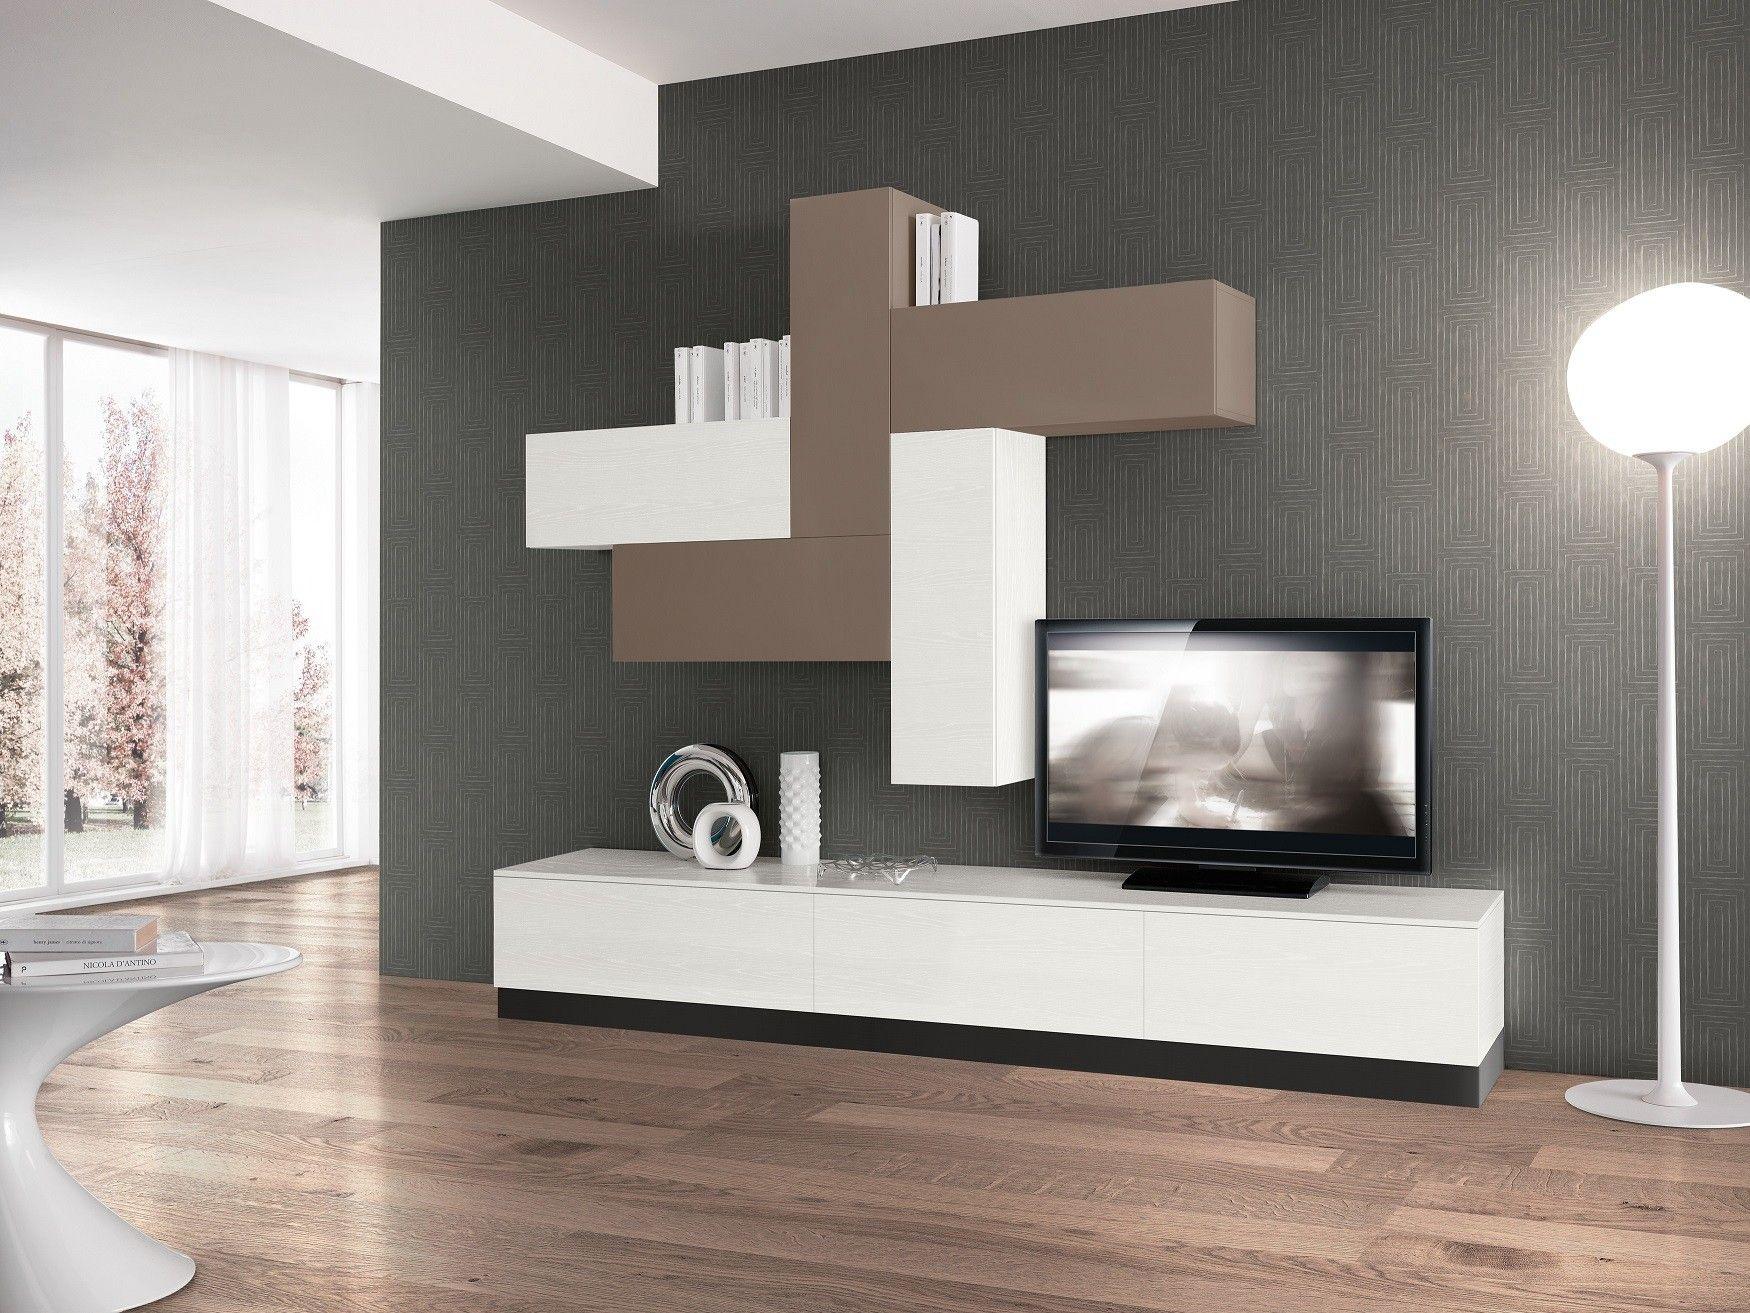 Illuminazione Per Soggiorno Moderno soggiorno moderno nuovo art.living29 - arredamentishop.it